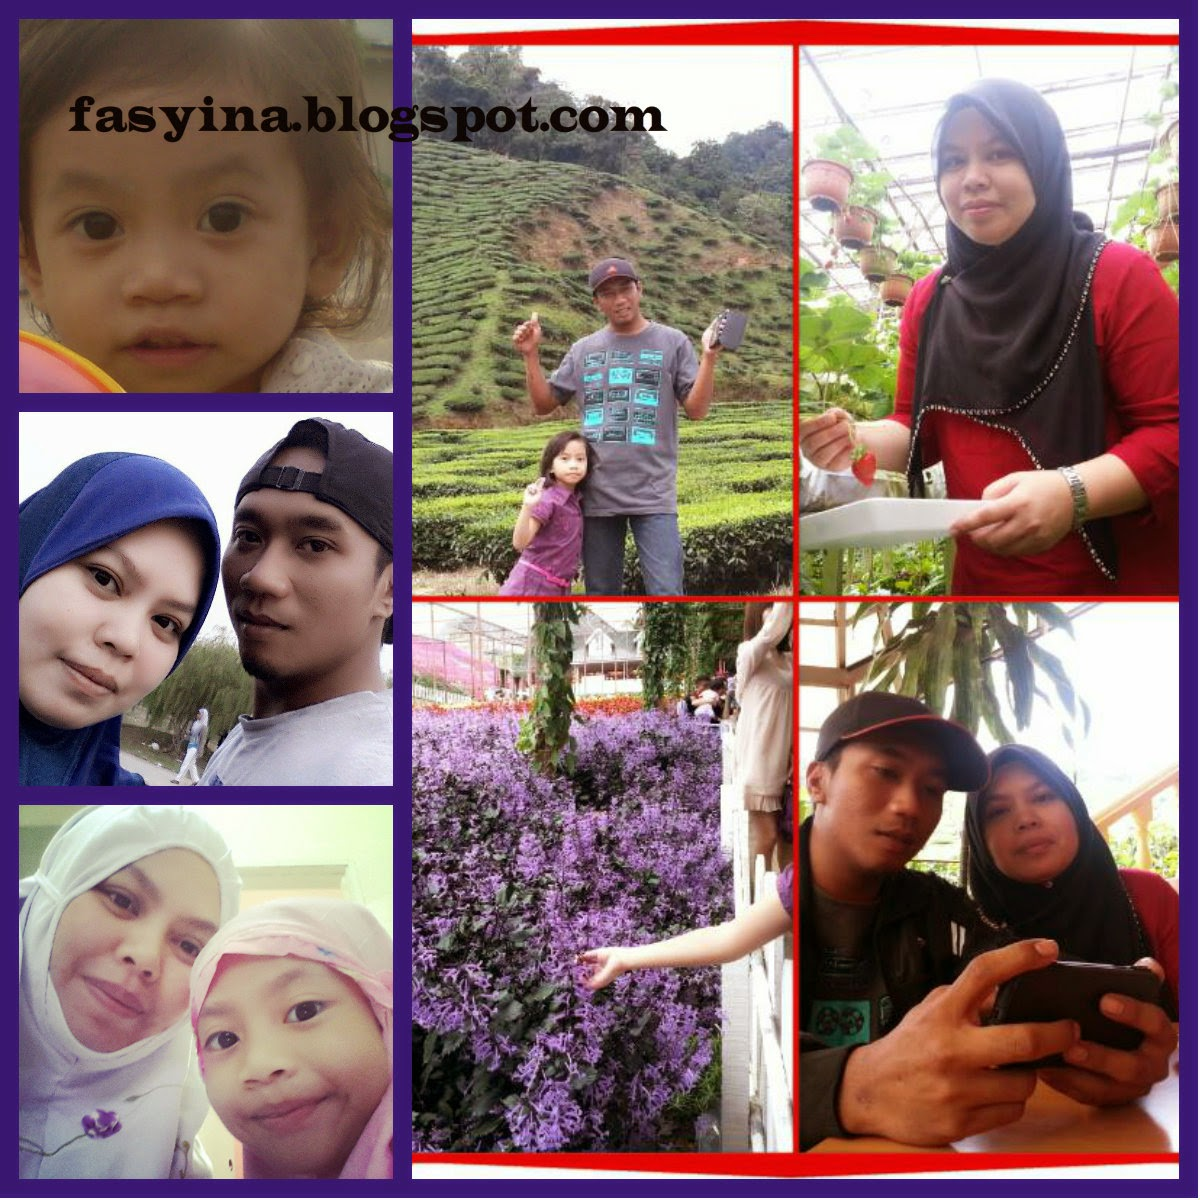 fasyina.blogspot.com